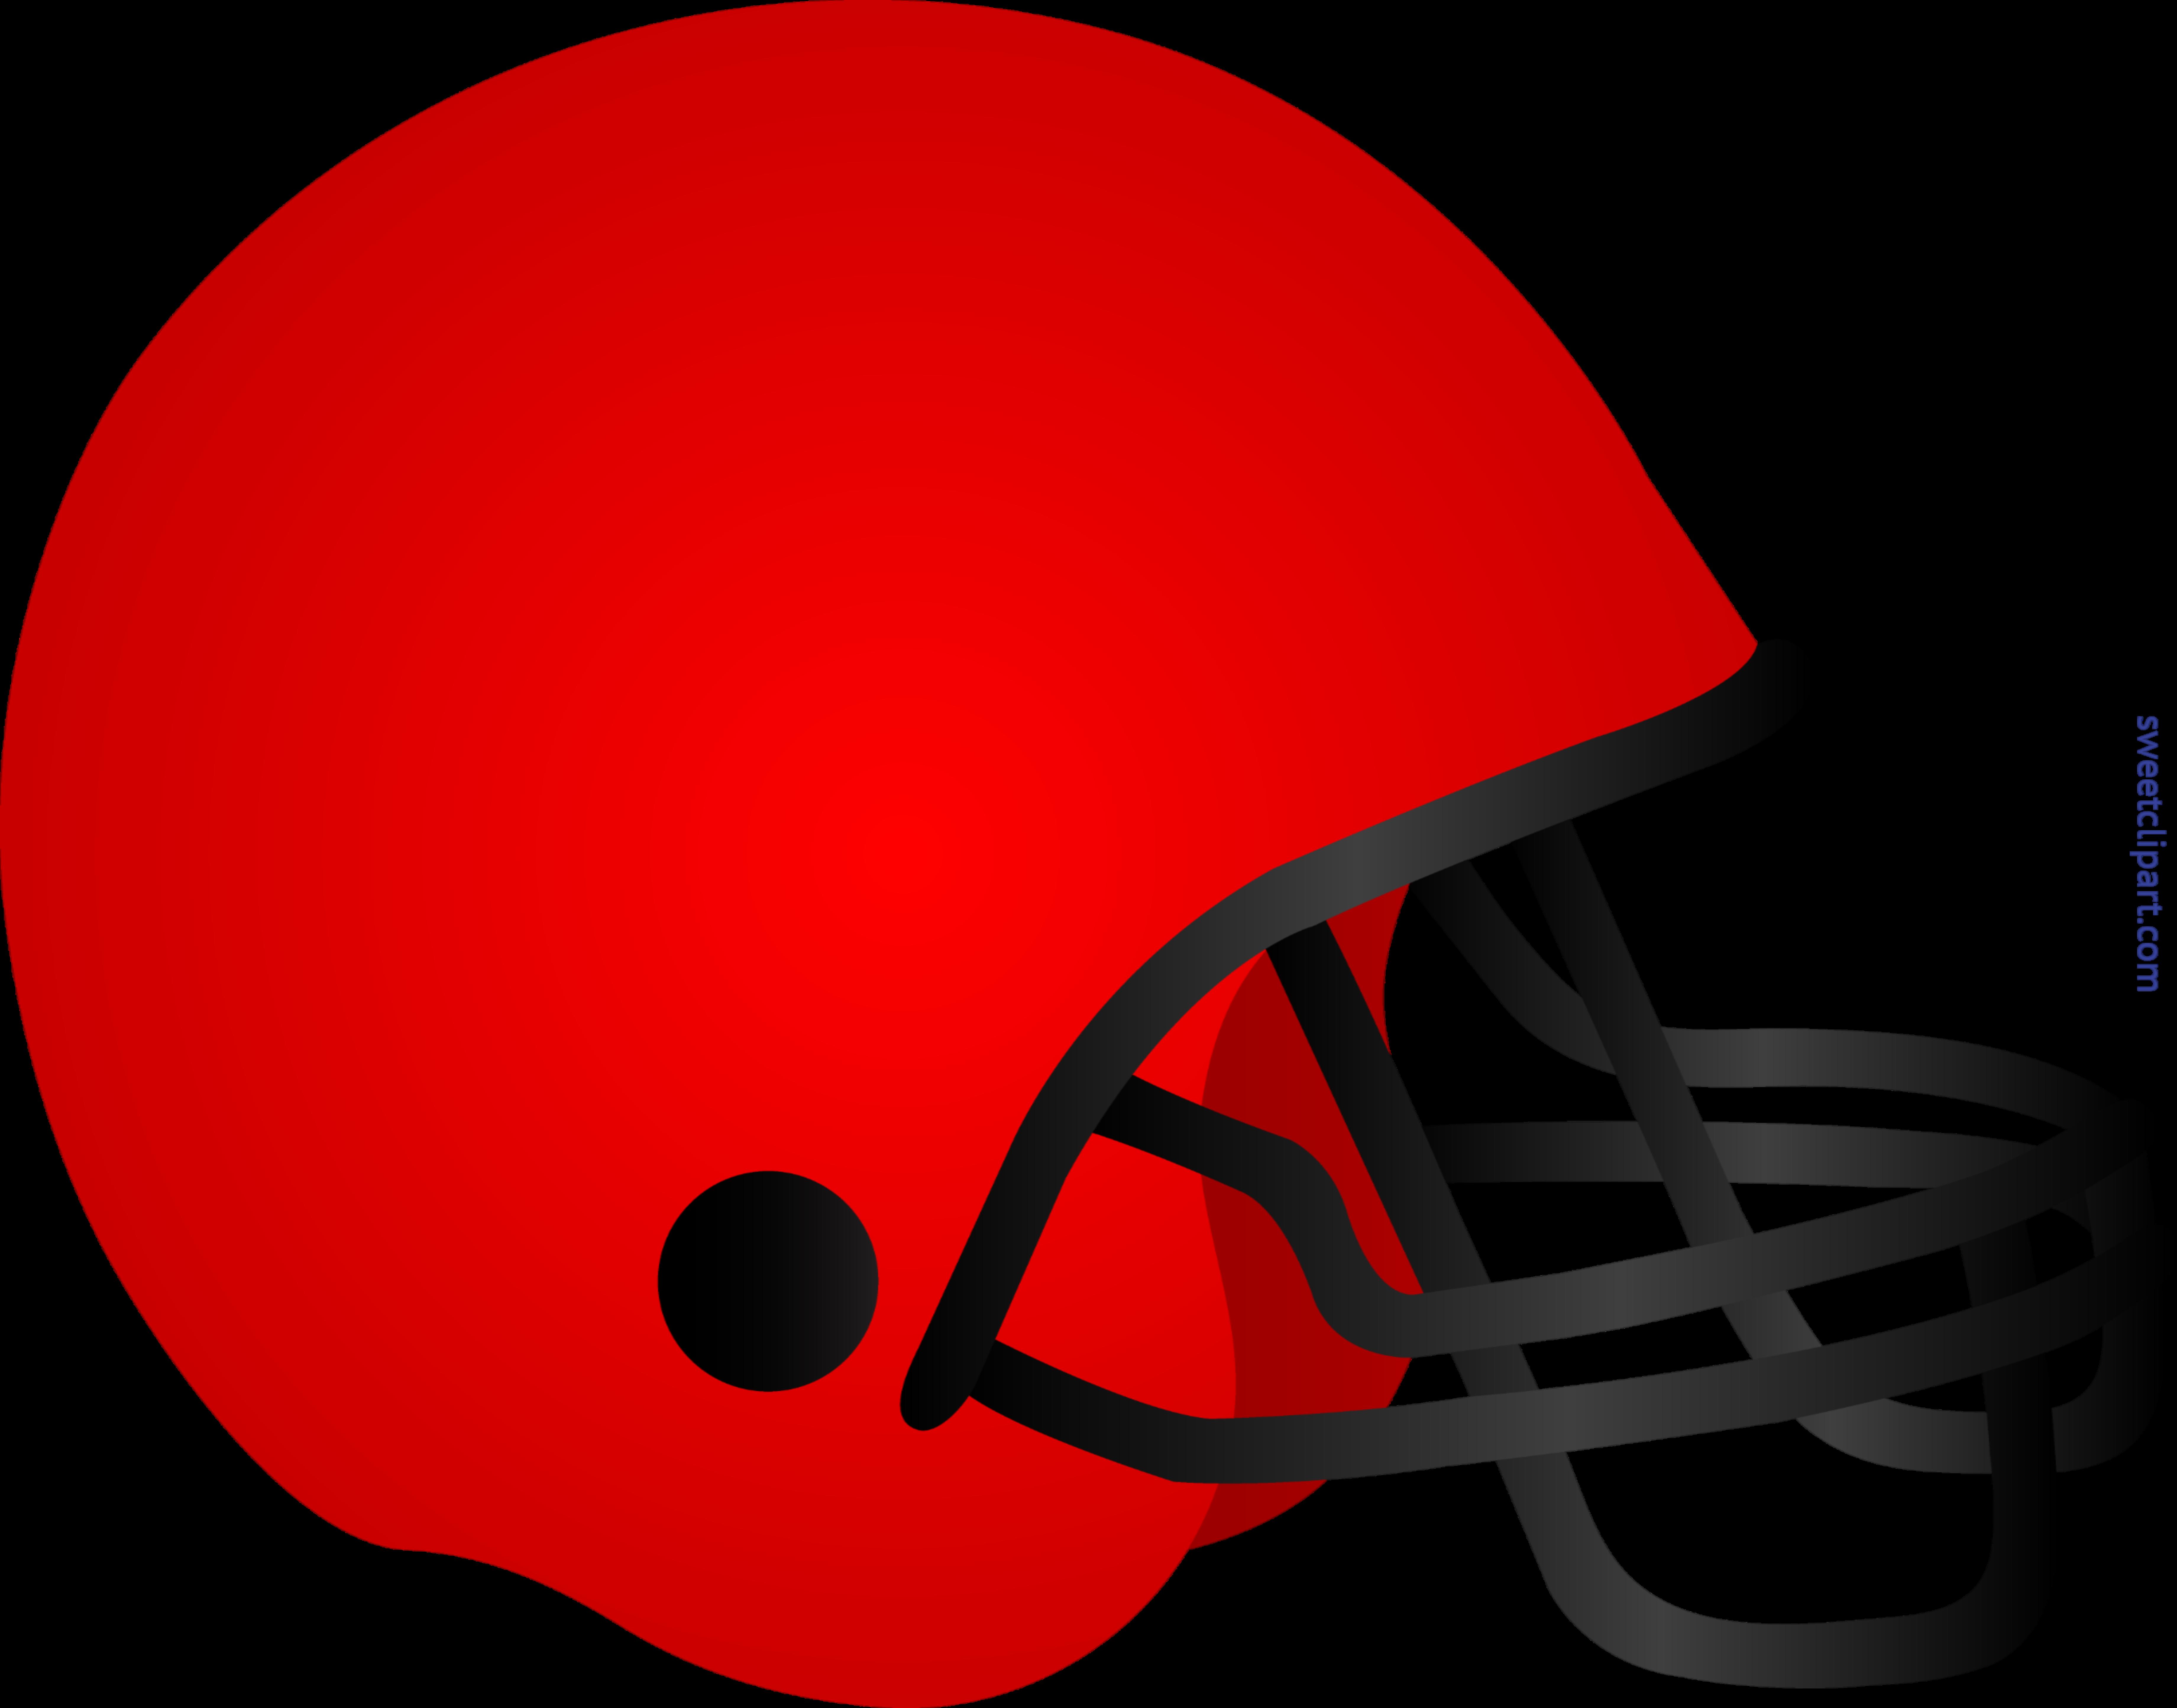 Football Helmet Red Clip Art.